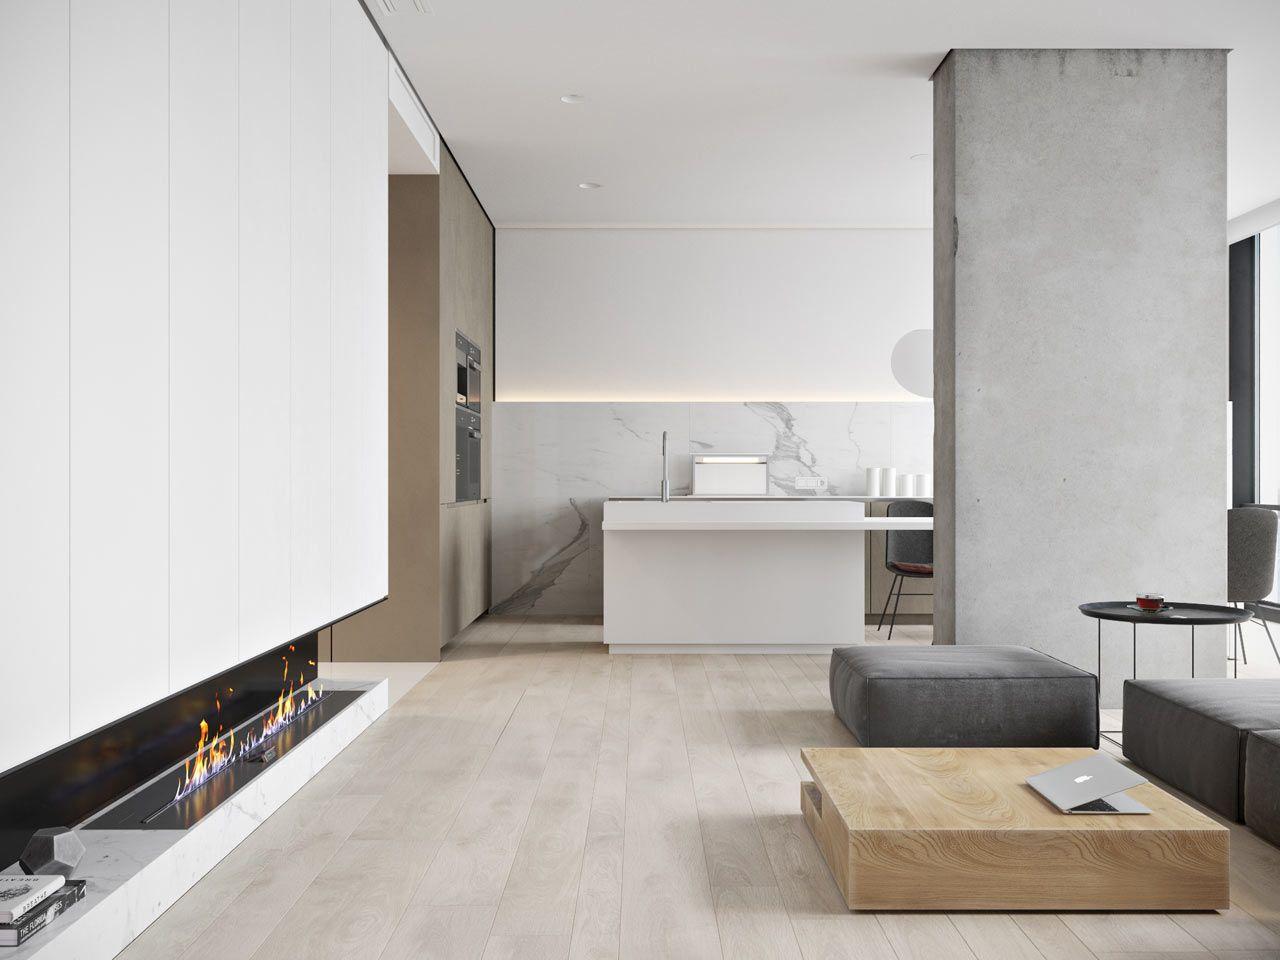 Dit lichte huis in montenegro heeft een stijlvol minimalistisch